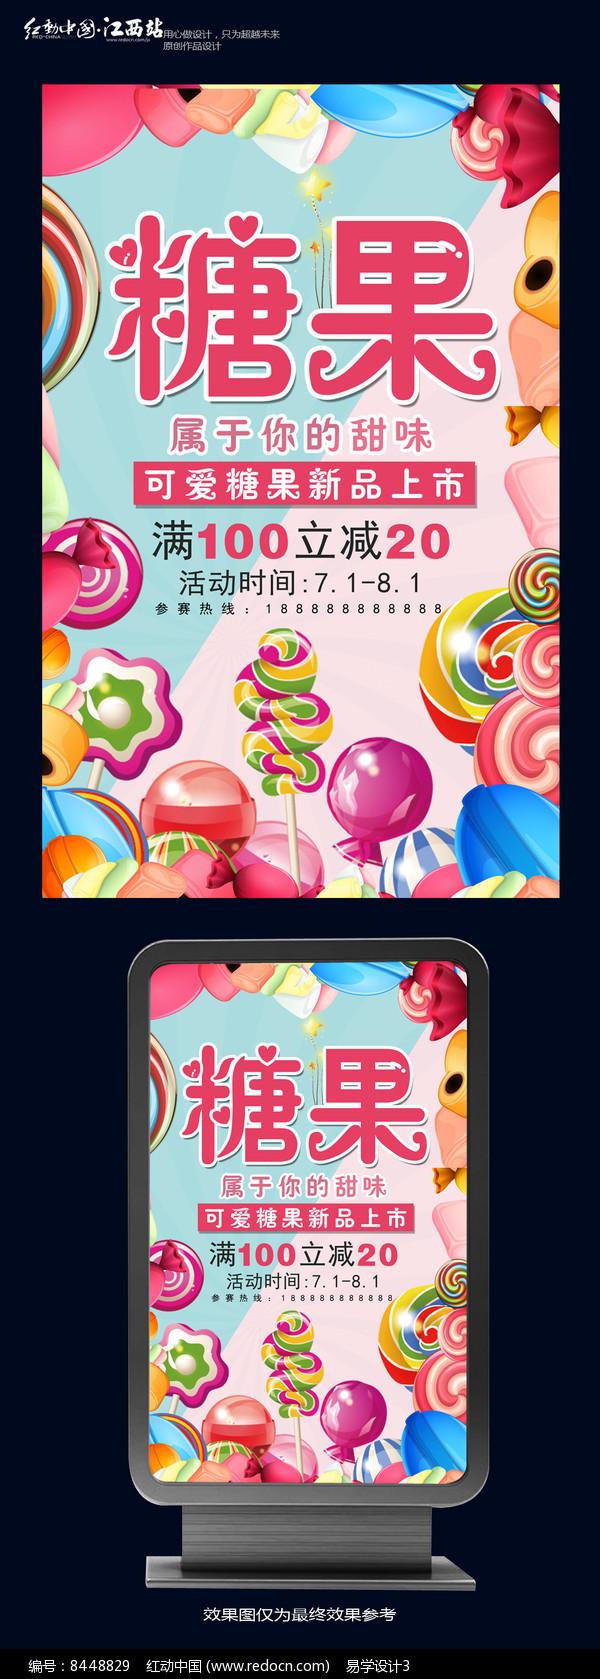 创意糖果海报设计图片